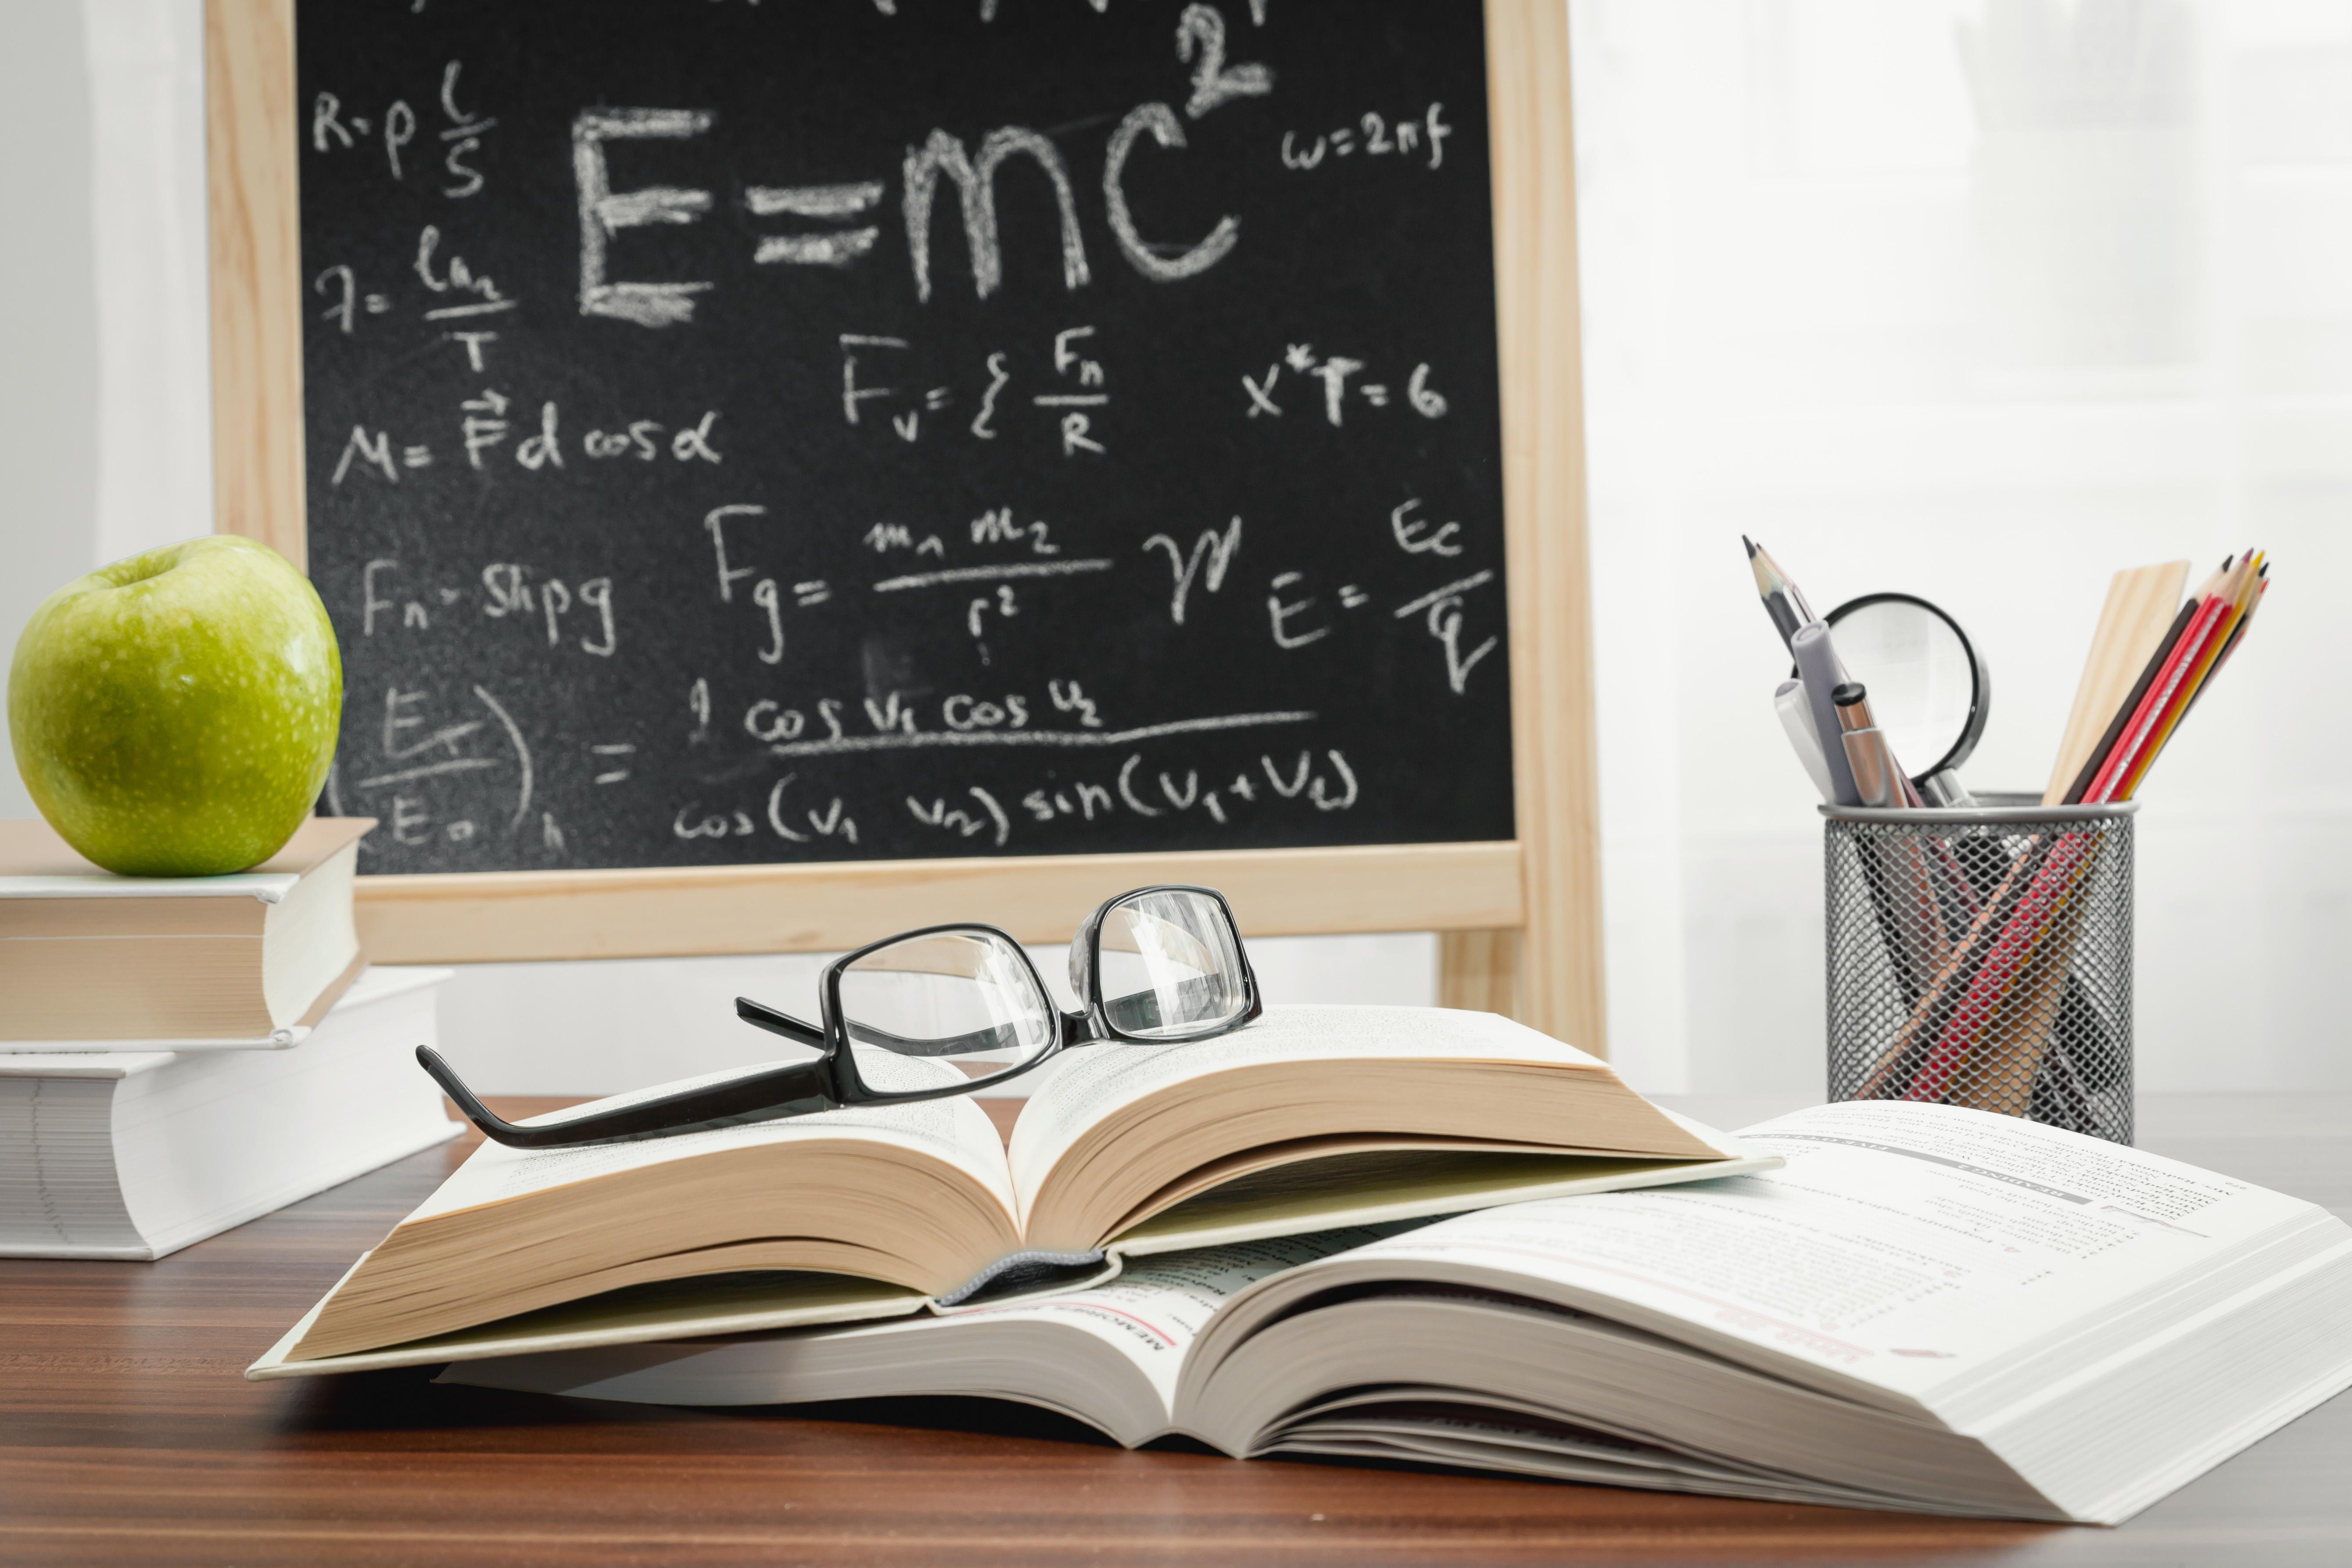 ТОП лучших образовательных программ по AI и ML